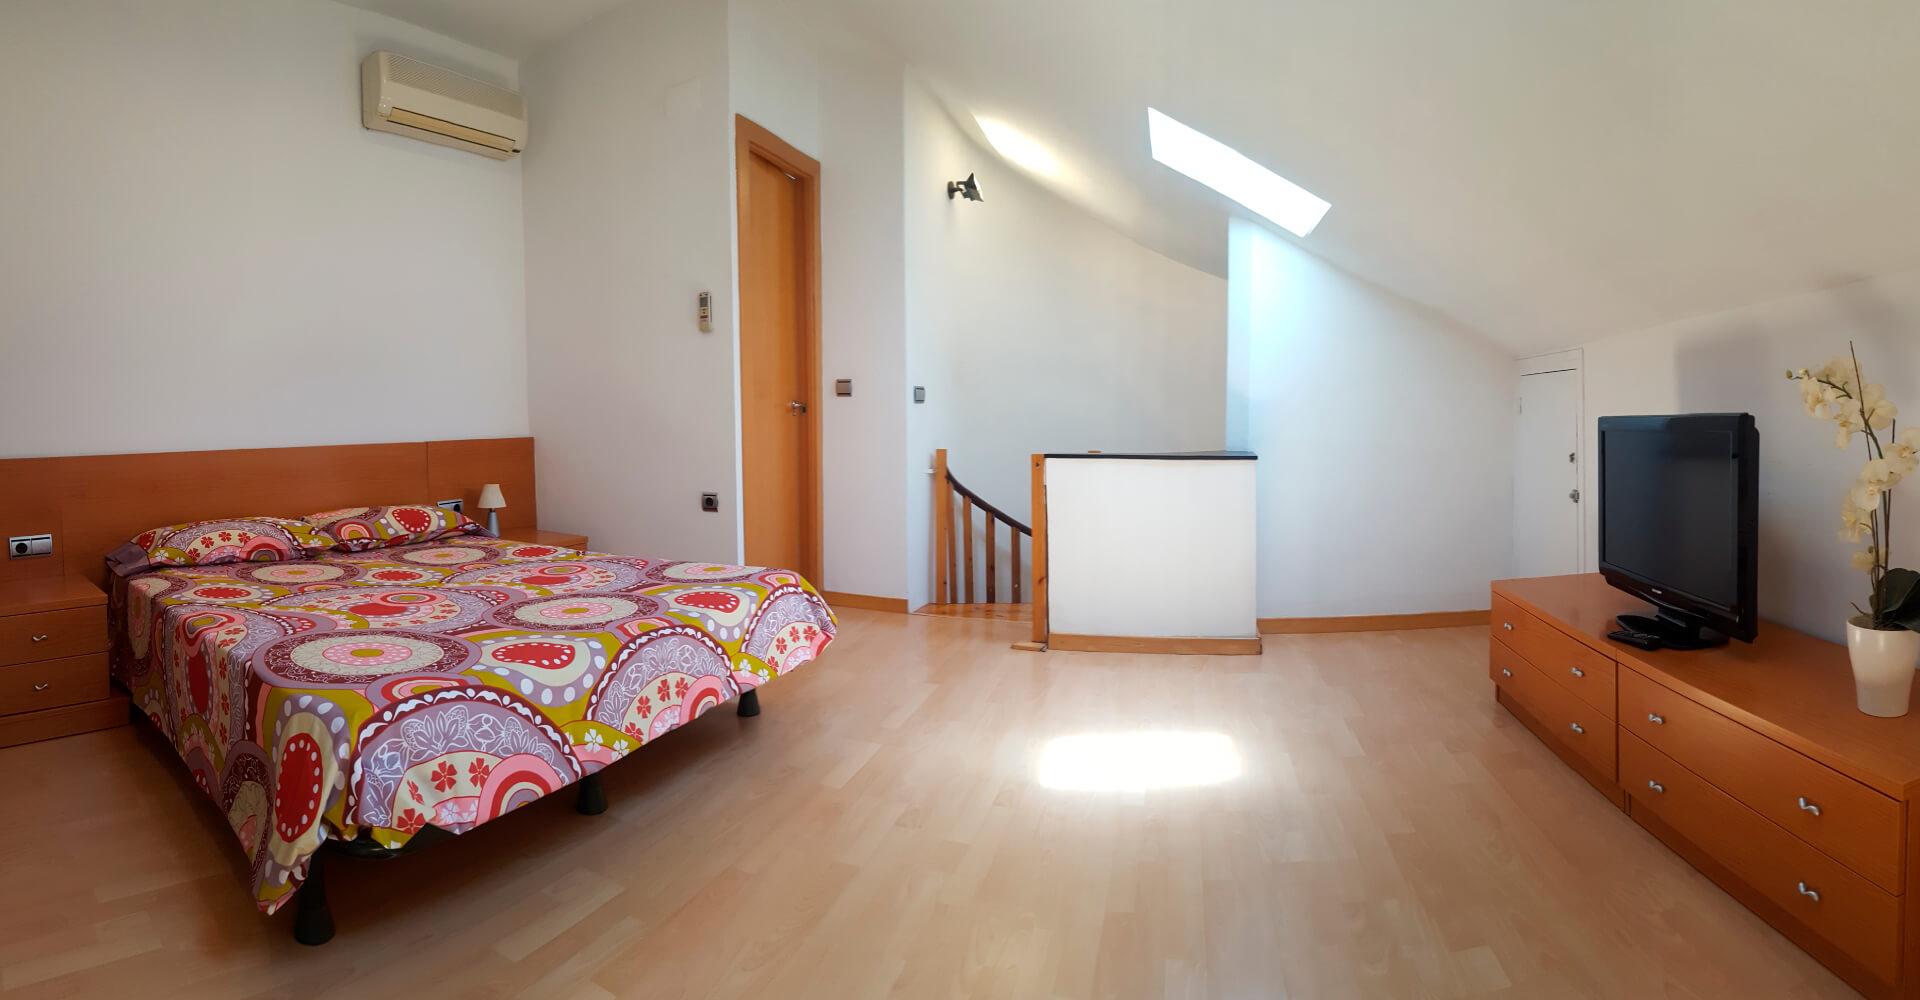 apartaments-i-parking-la-farola-manresa-011